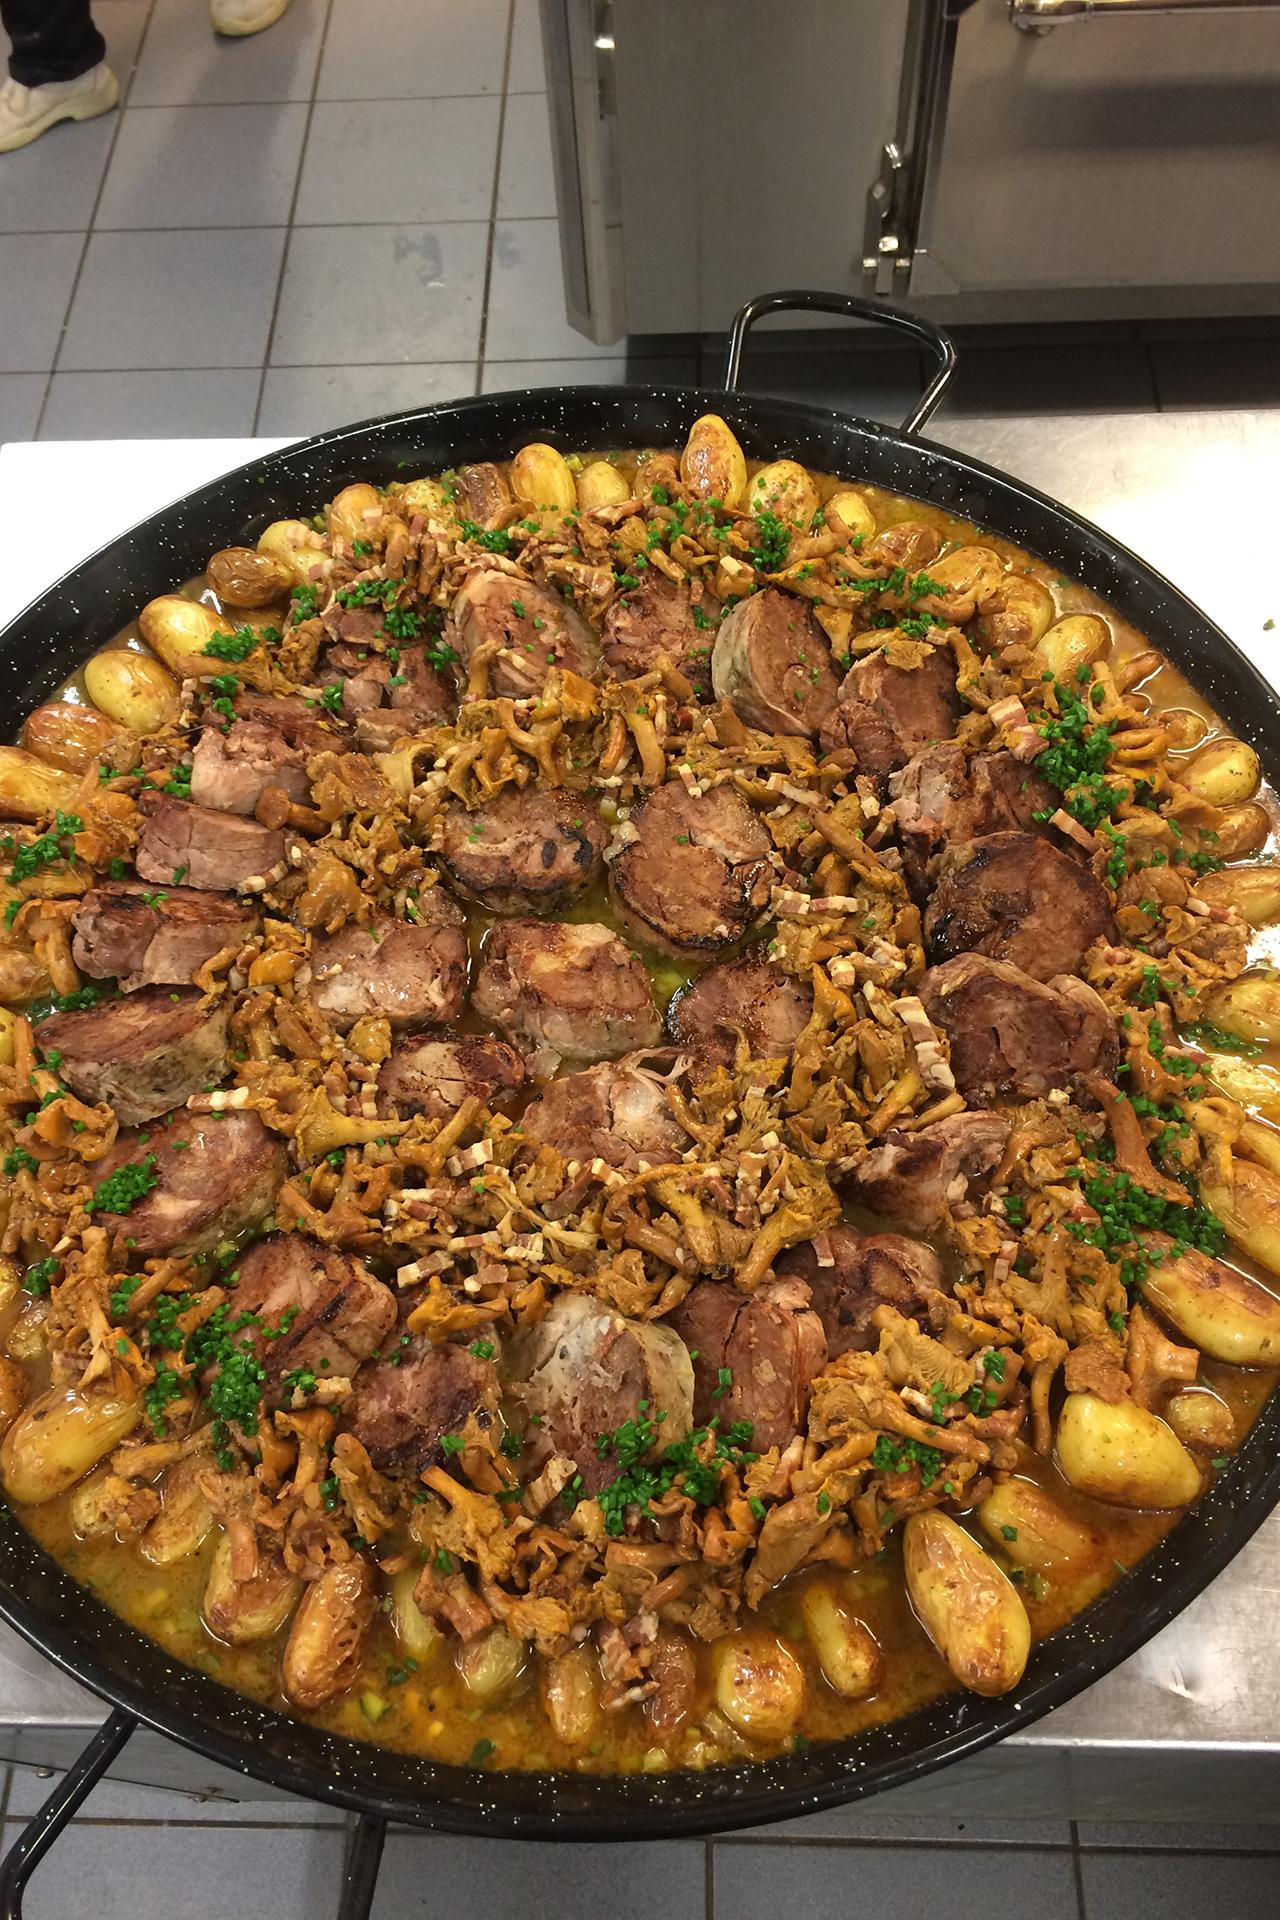 Agneau confit Repas livré chez client août 2015 Restaurant Le Chalet Ax les Thermes Ariege.JPG